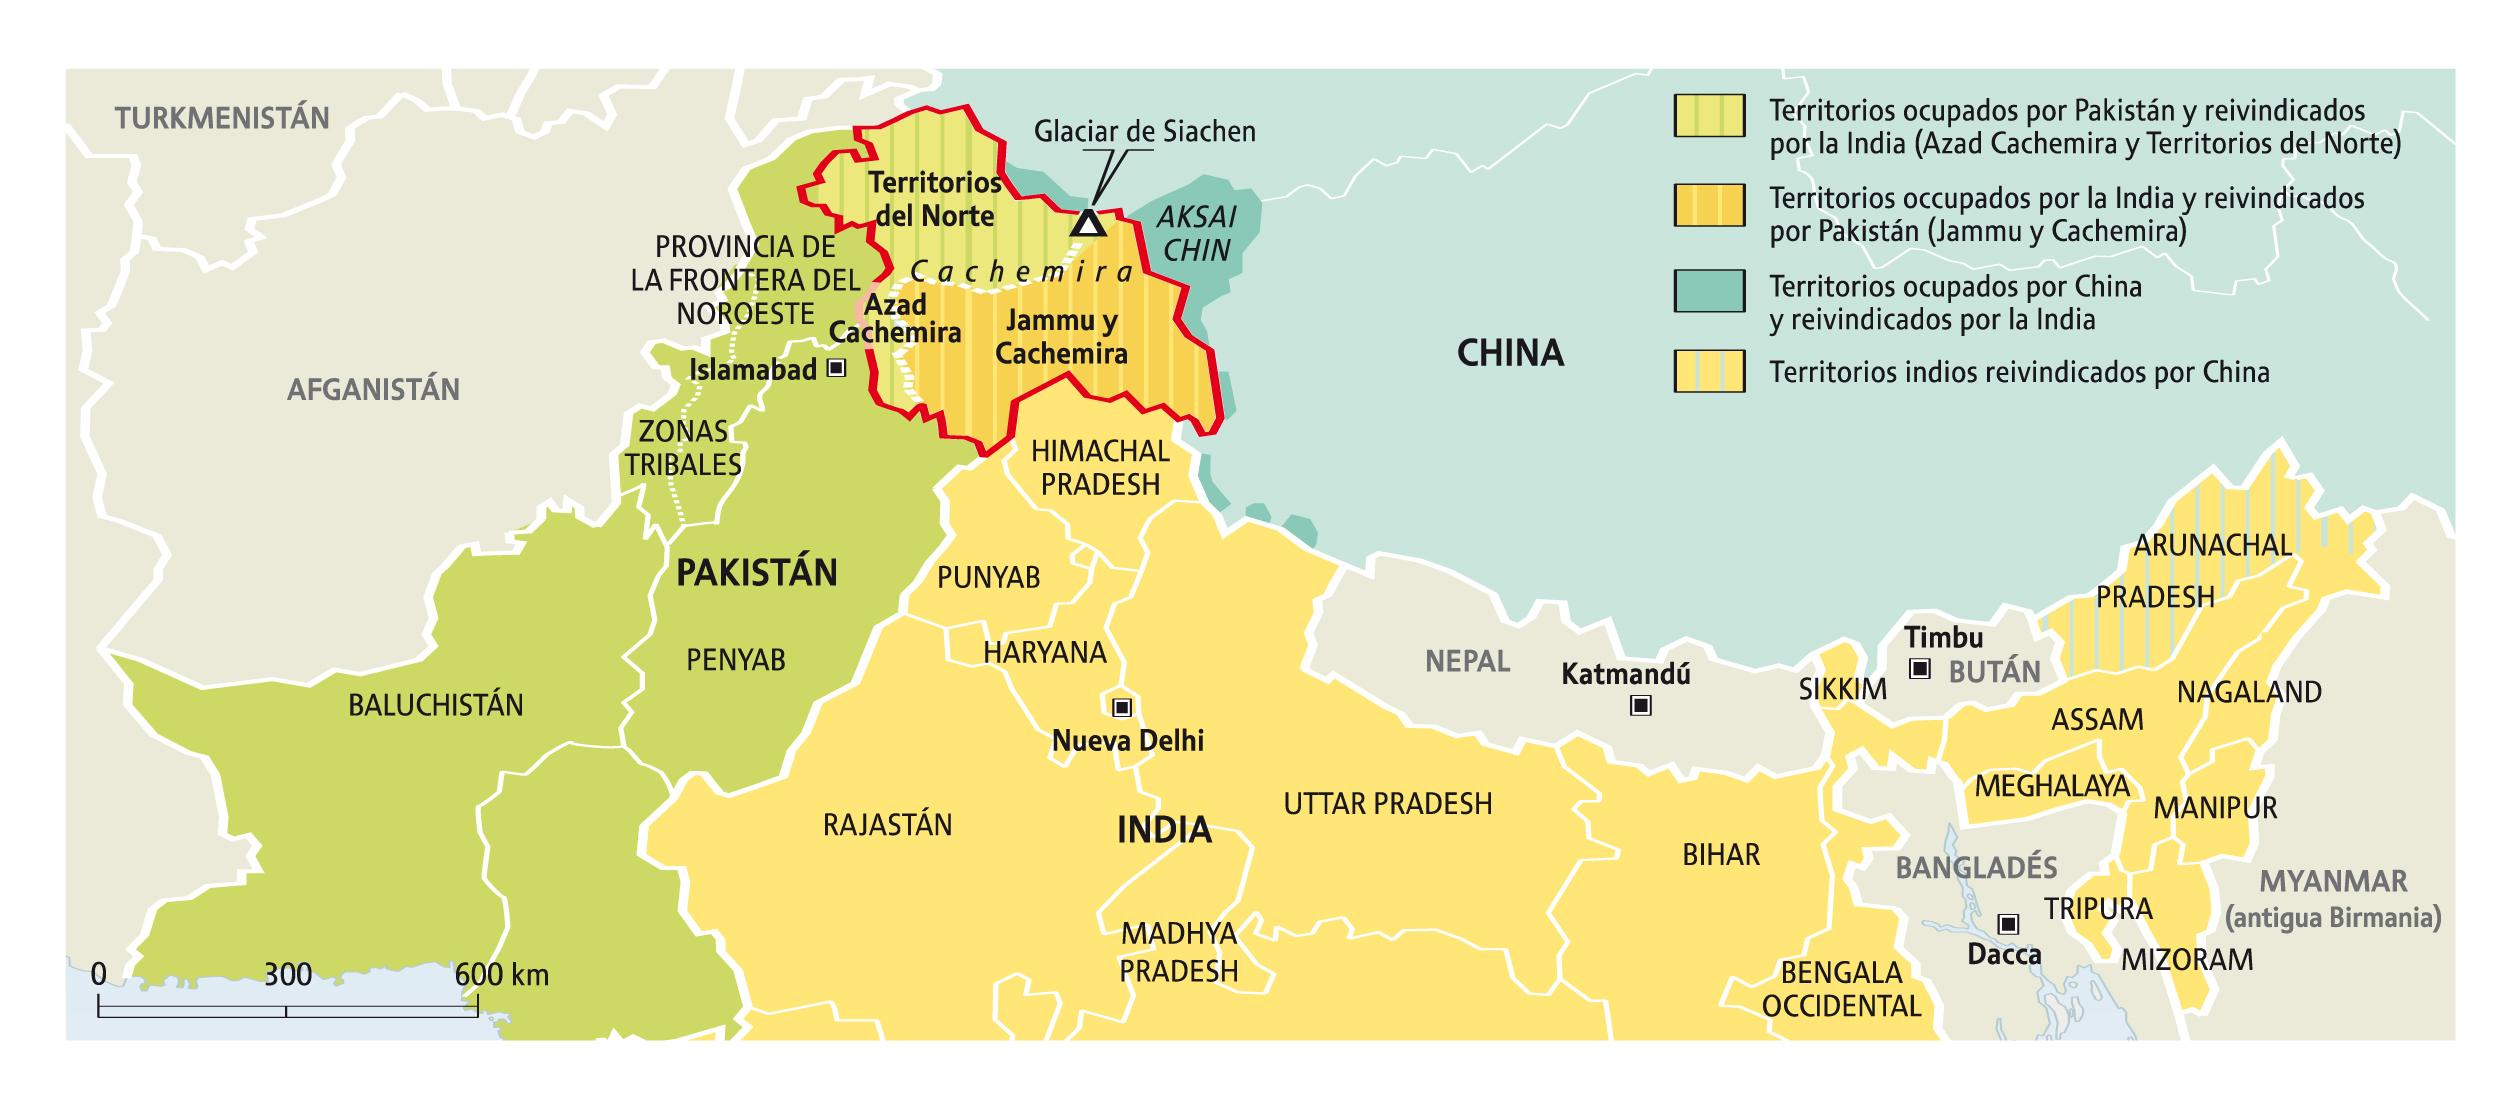 La India y China, conflictos y convergencias » - Le Monde diplomatique en  español